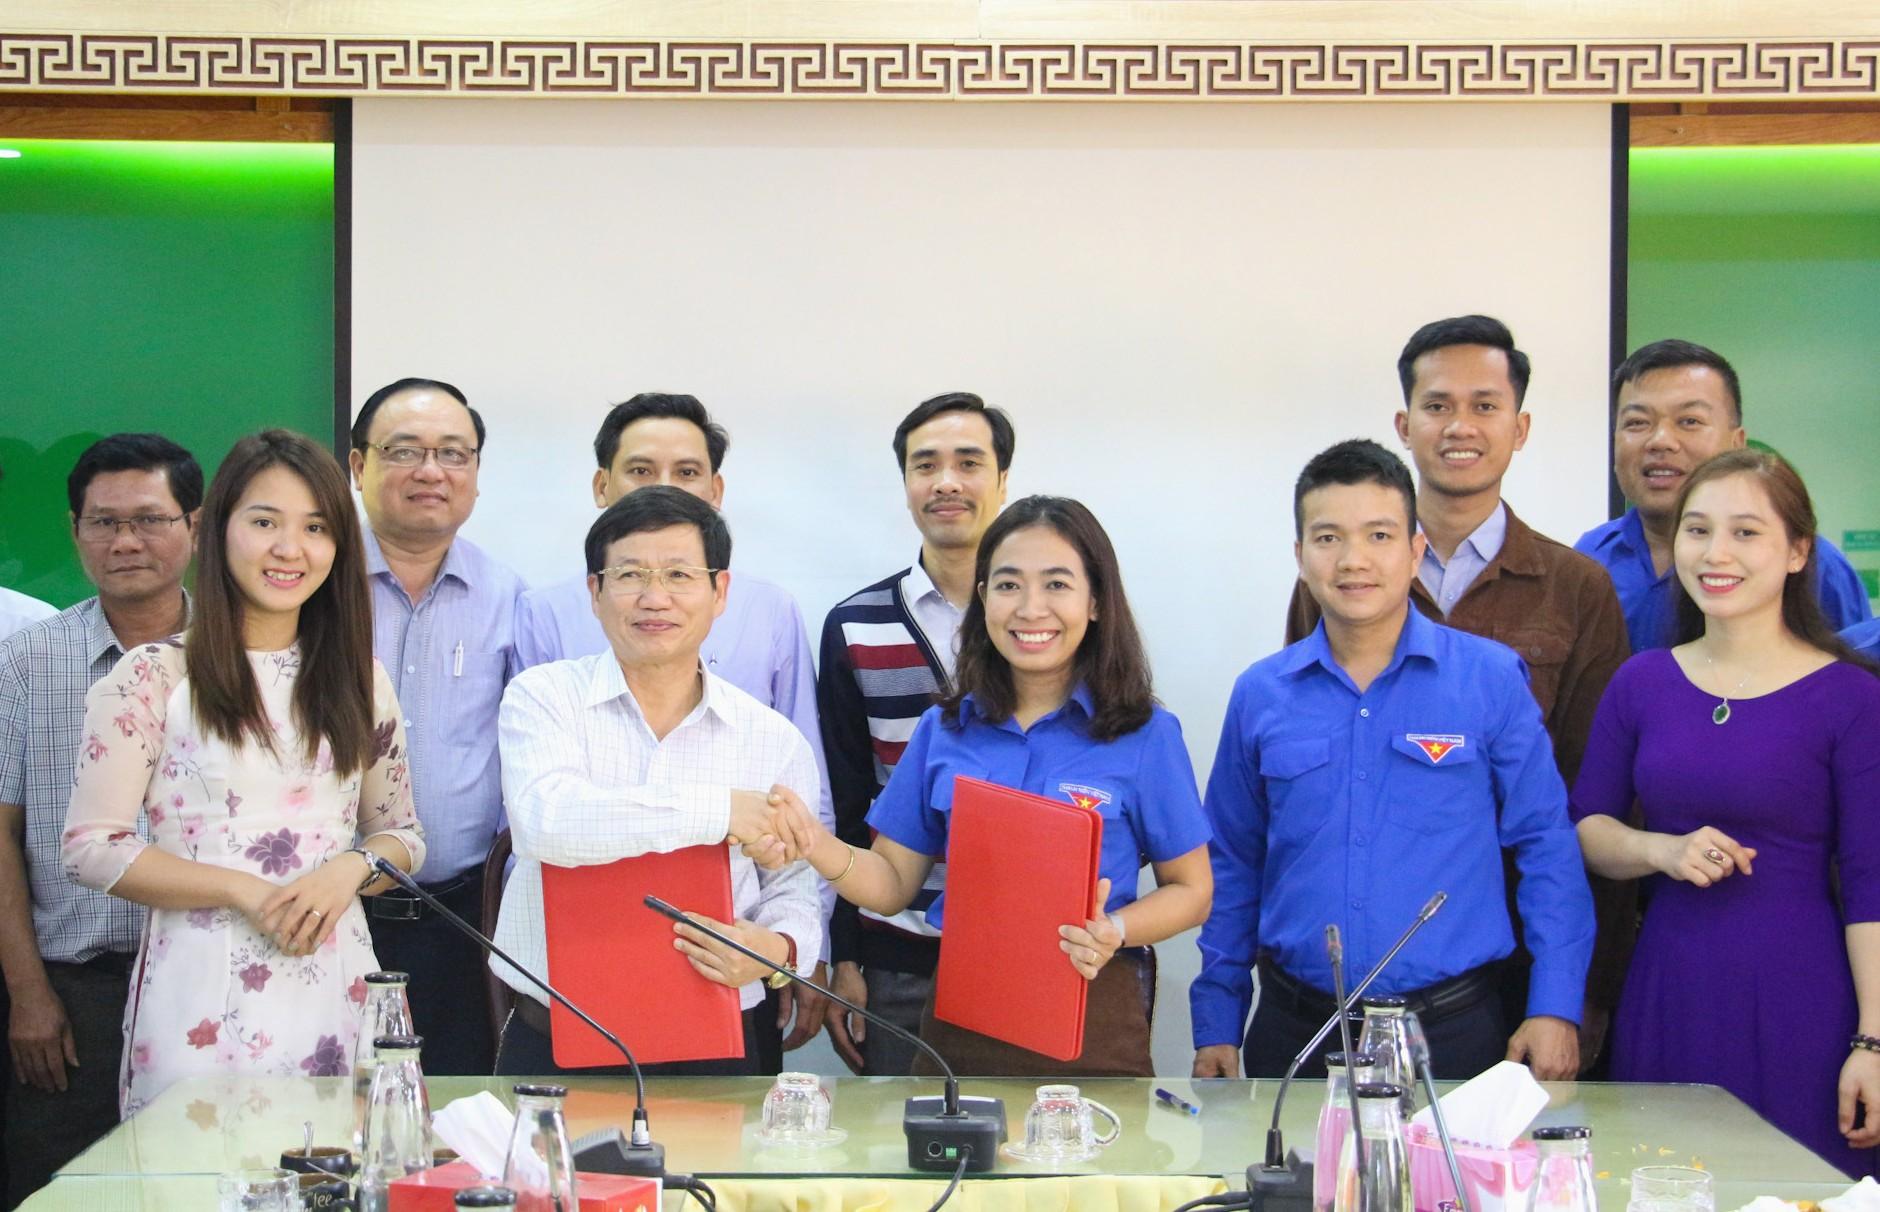 Tổng kết chương trình phối hợp giữa Tỉnh đoàn và Sở Nông nghiệp và Phát triển nông thôn năm 2019